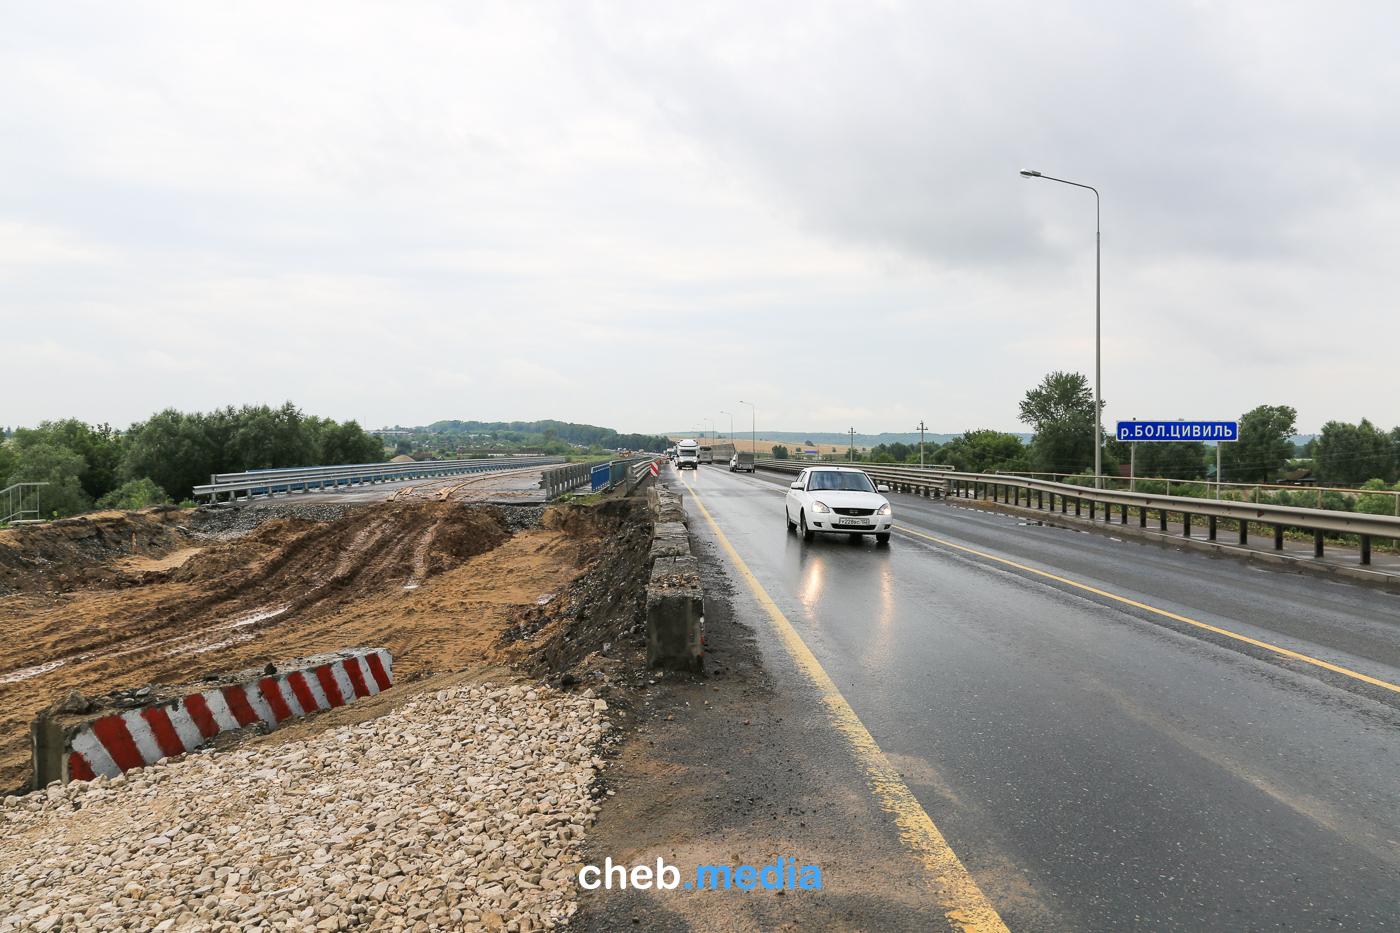 Новый подрядчик сделает подходы к цивильскому мосту до октября. Наверное